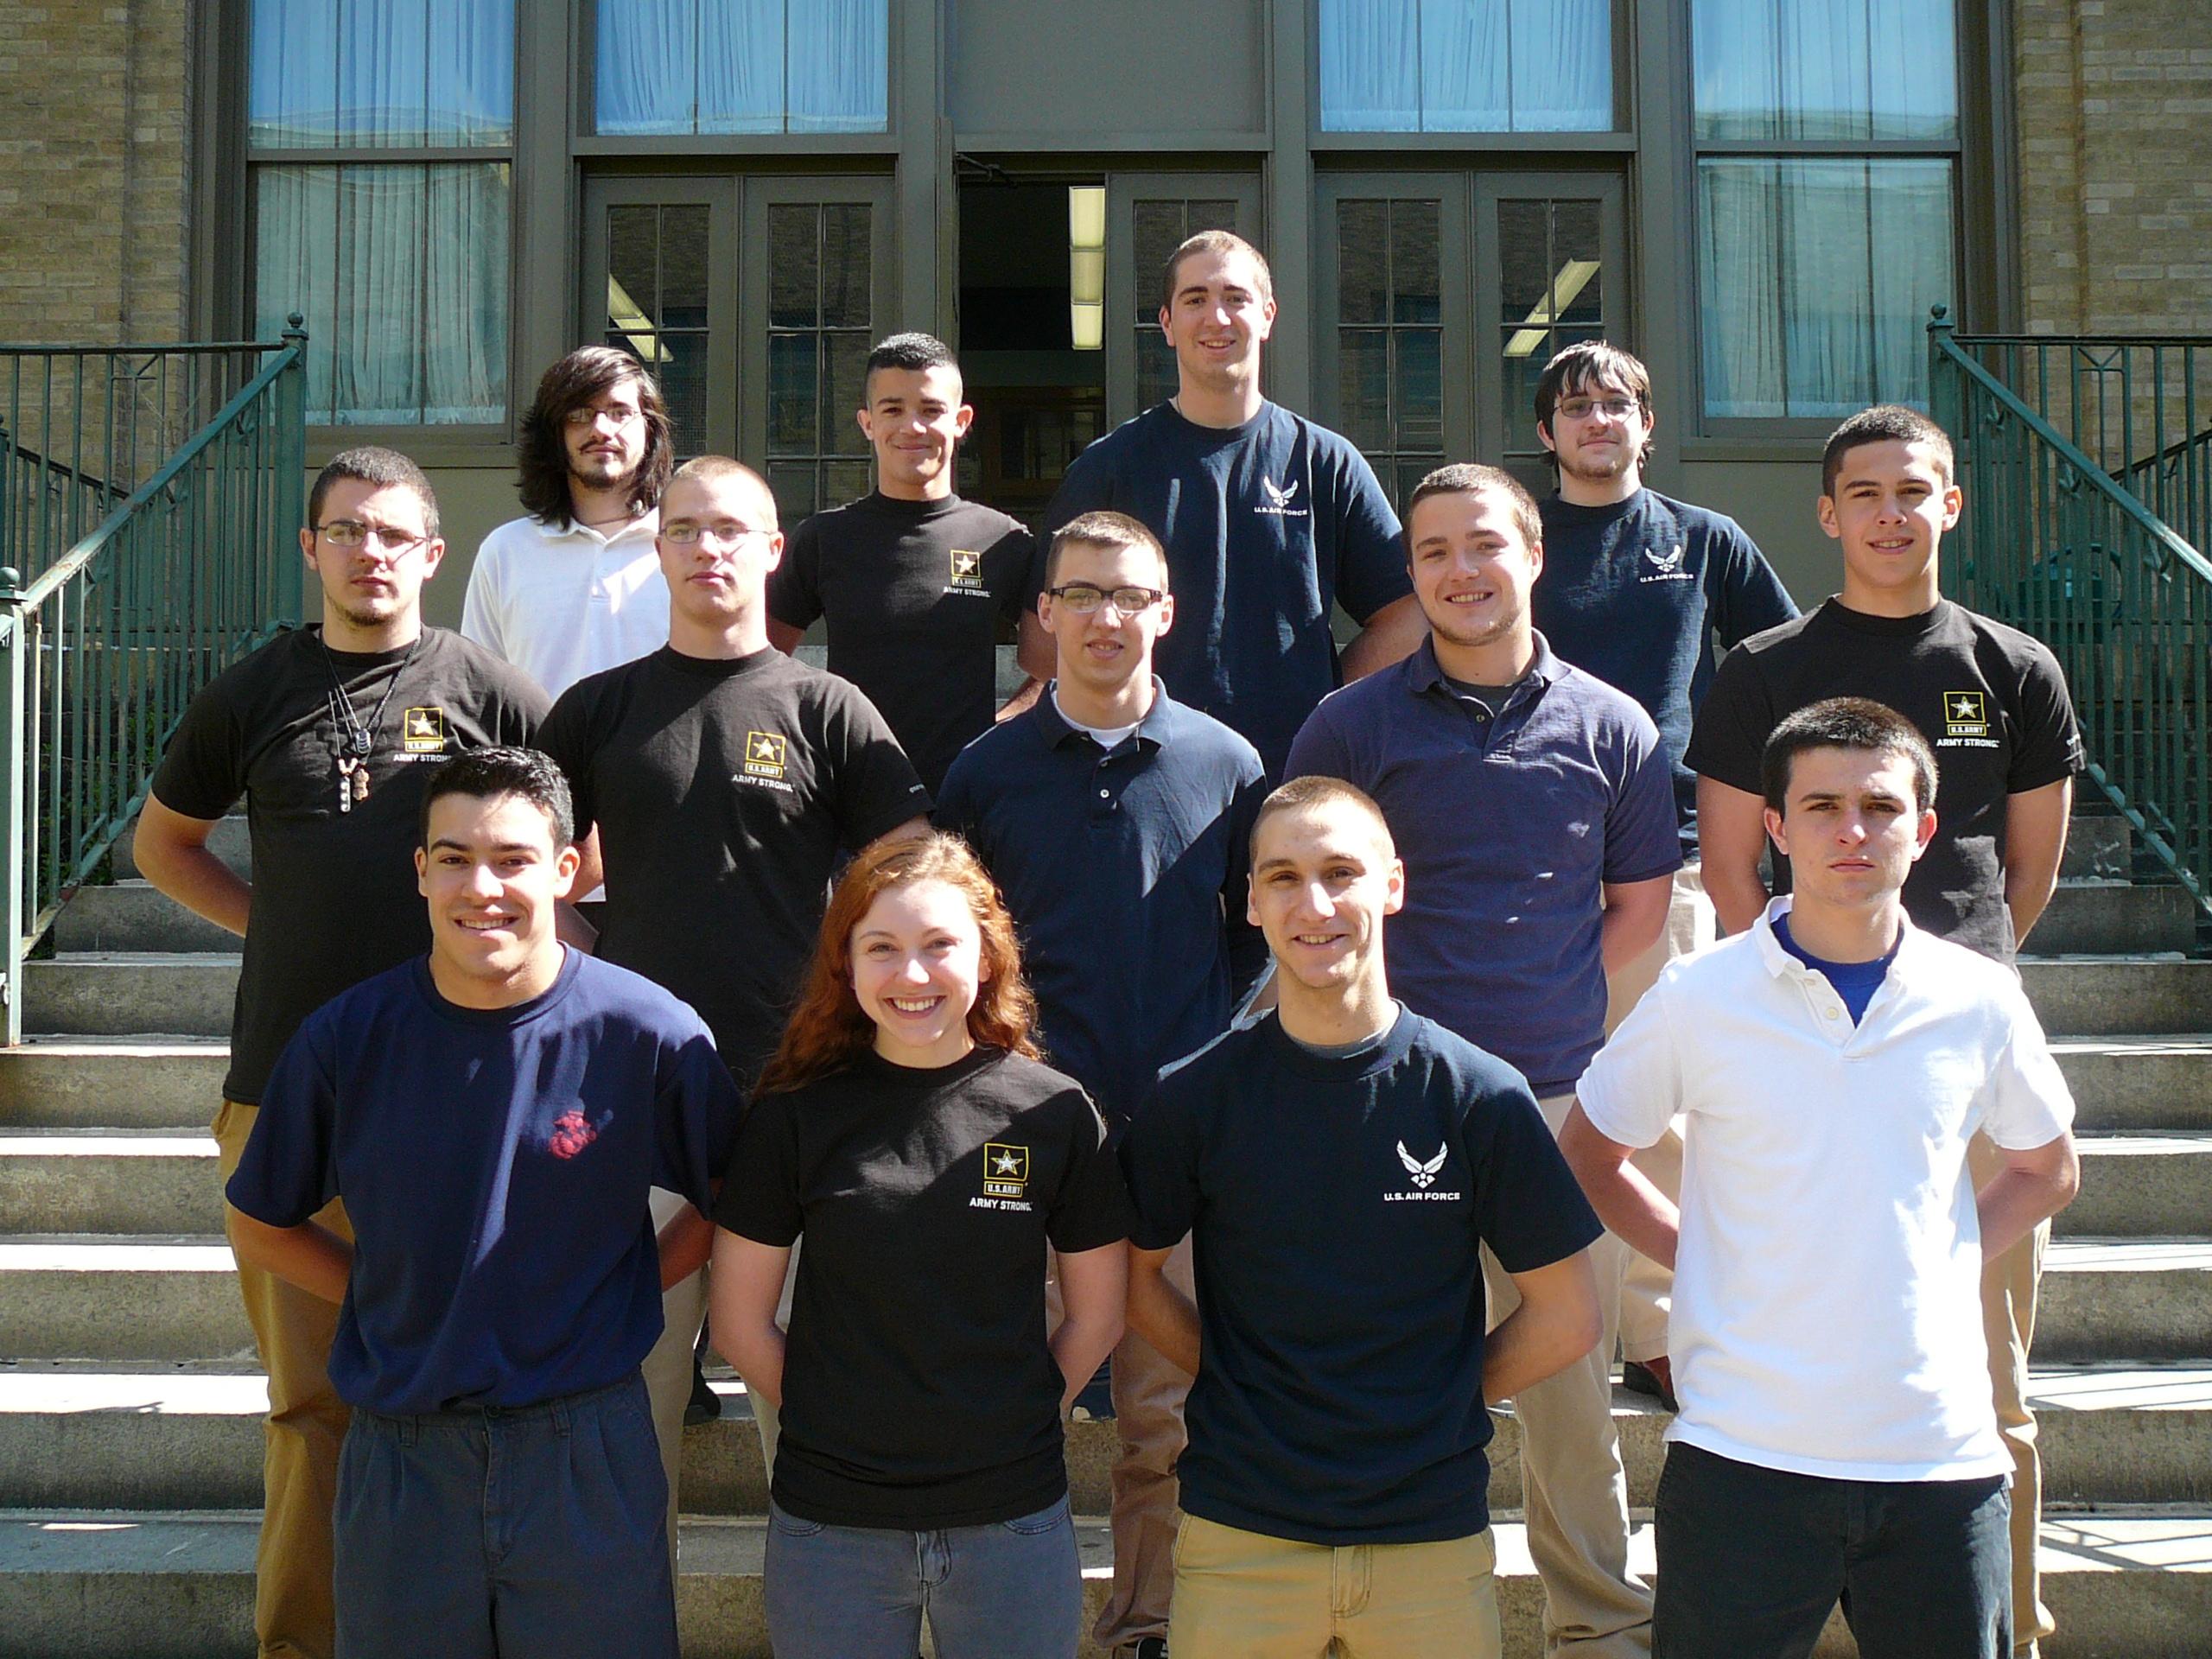 West Scranton Military - Graduates 2013